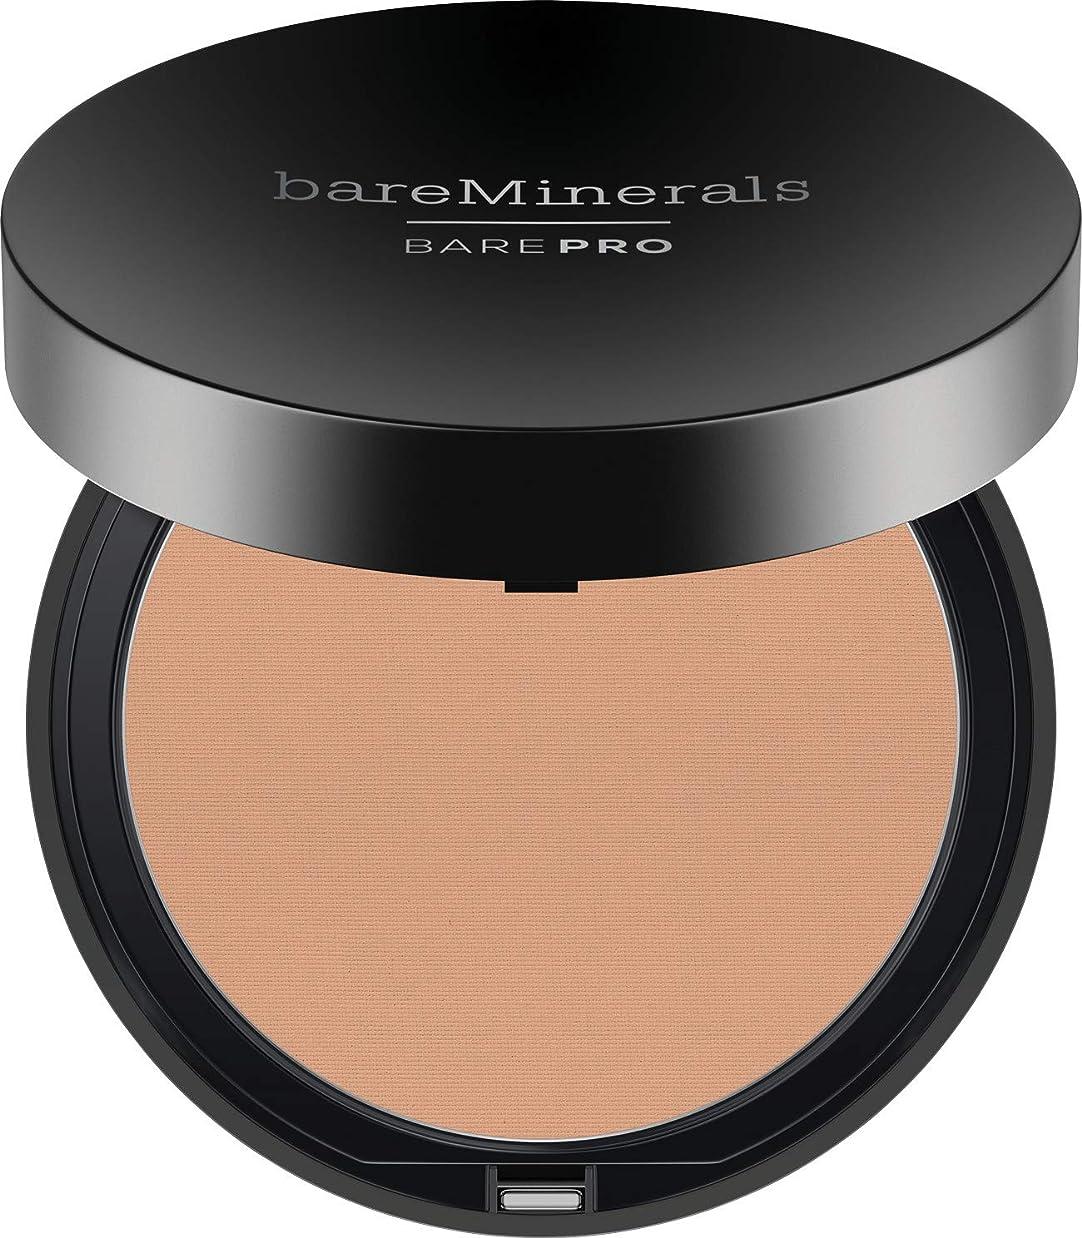 アカデミックタックルベアミネラル BarePro Performance Wear Powder Foundation - # 10 Cool Beige 10g/0.34oz並行輸入品